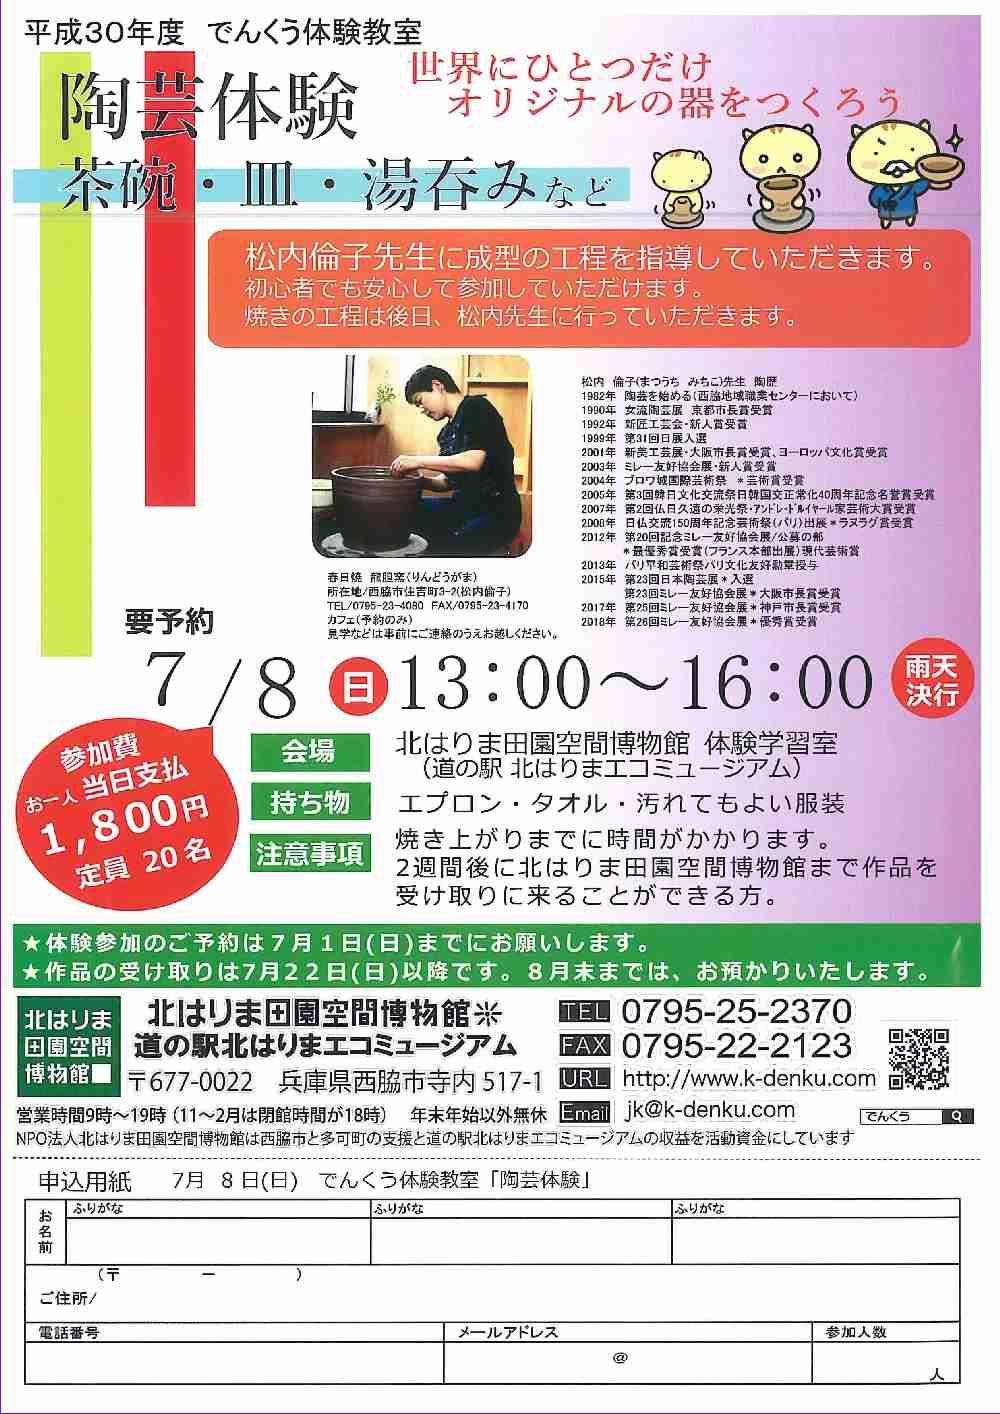 7/8 体験教室「陶芸体験」:でんくう体験学習室